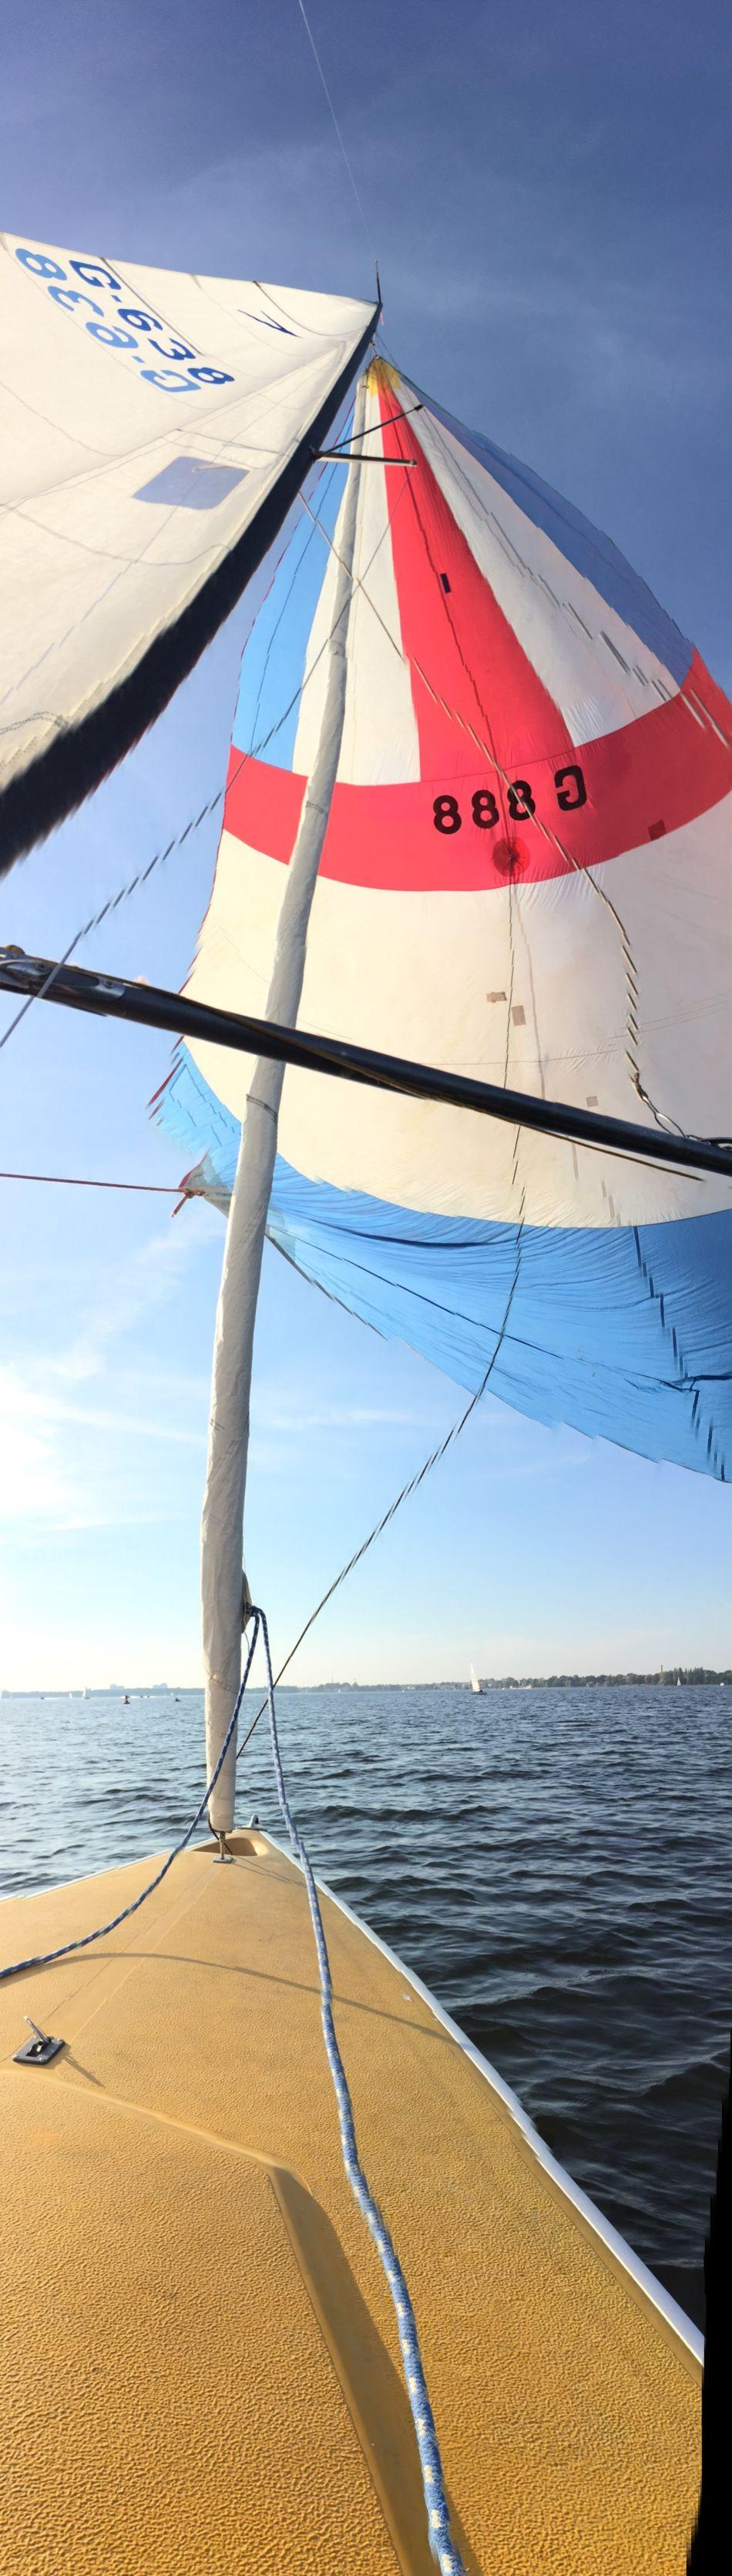 Dyas Sailing 888 Spinaker